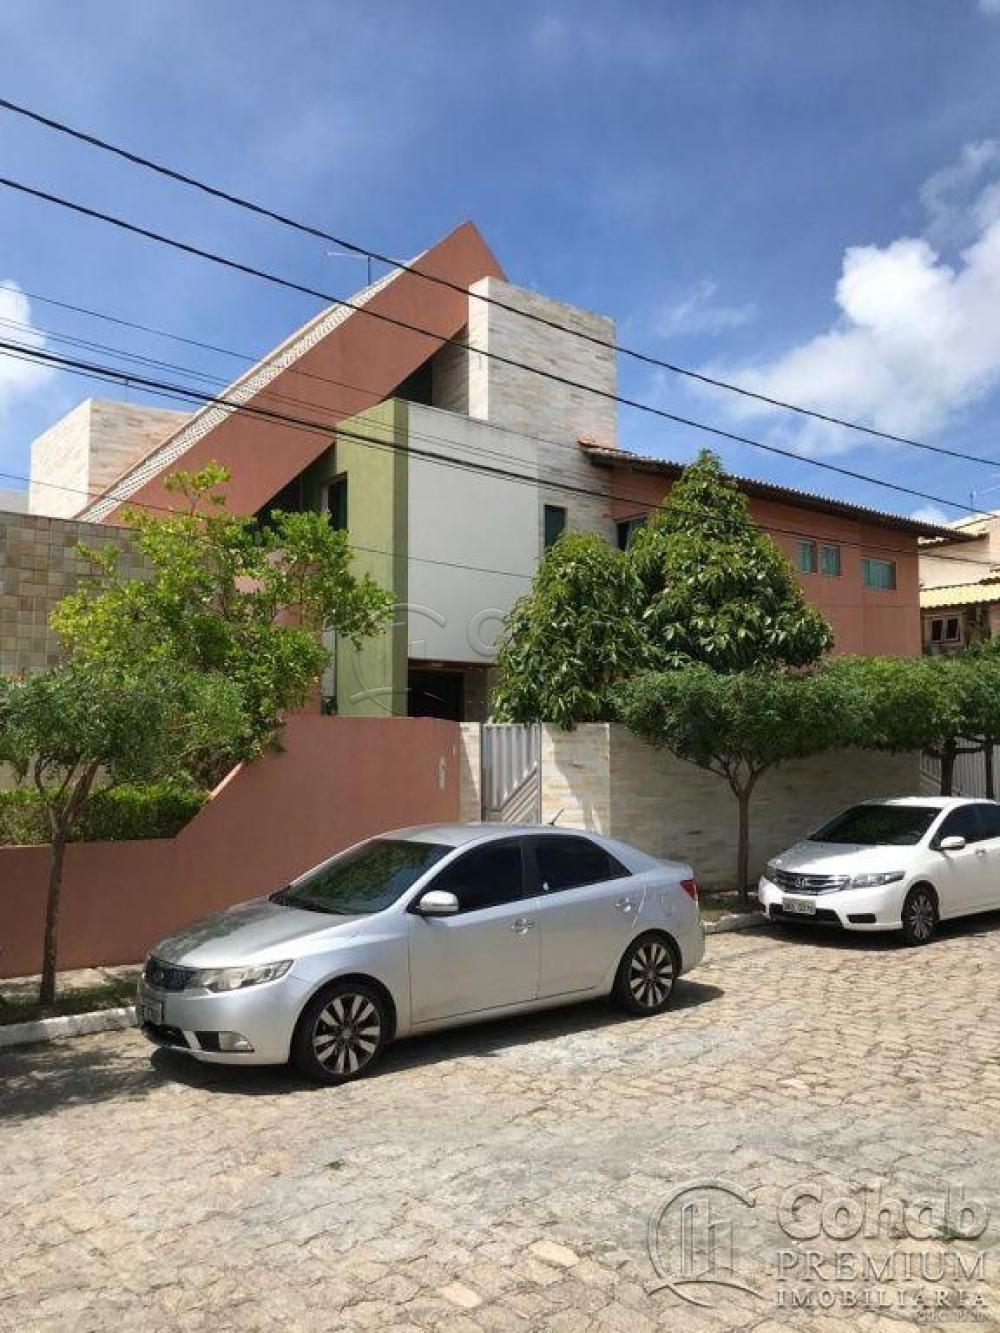 Comprar Casa / Condomínio em Aracaju apenas R$ 1.200.000,00 - Foto 5